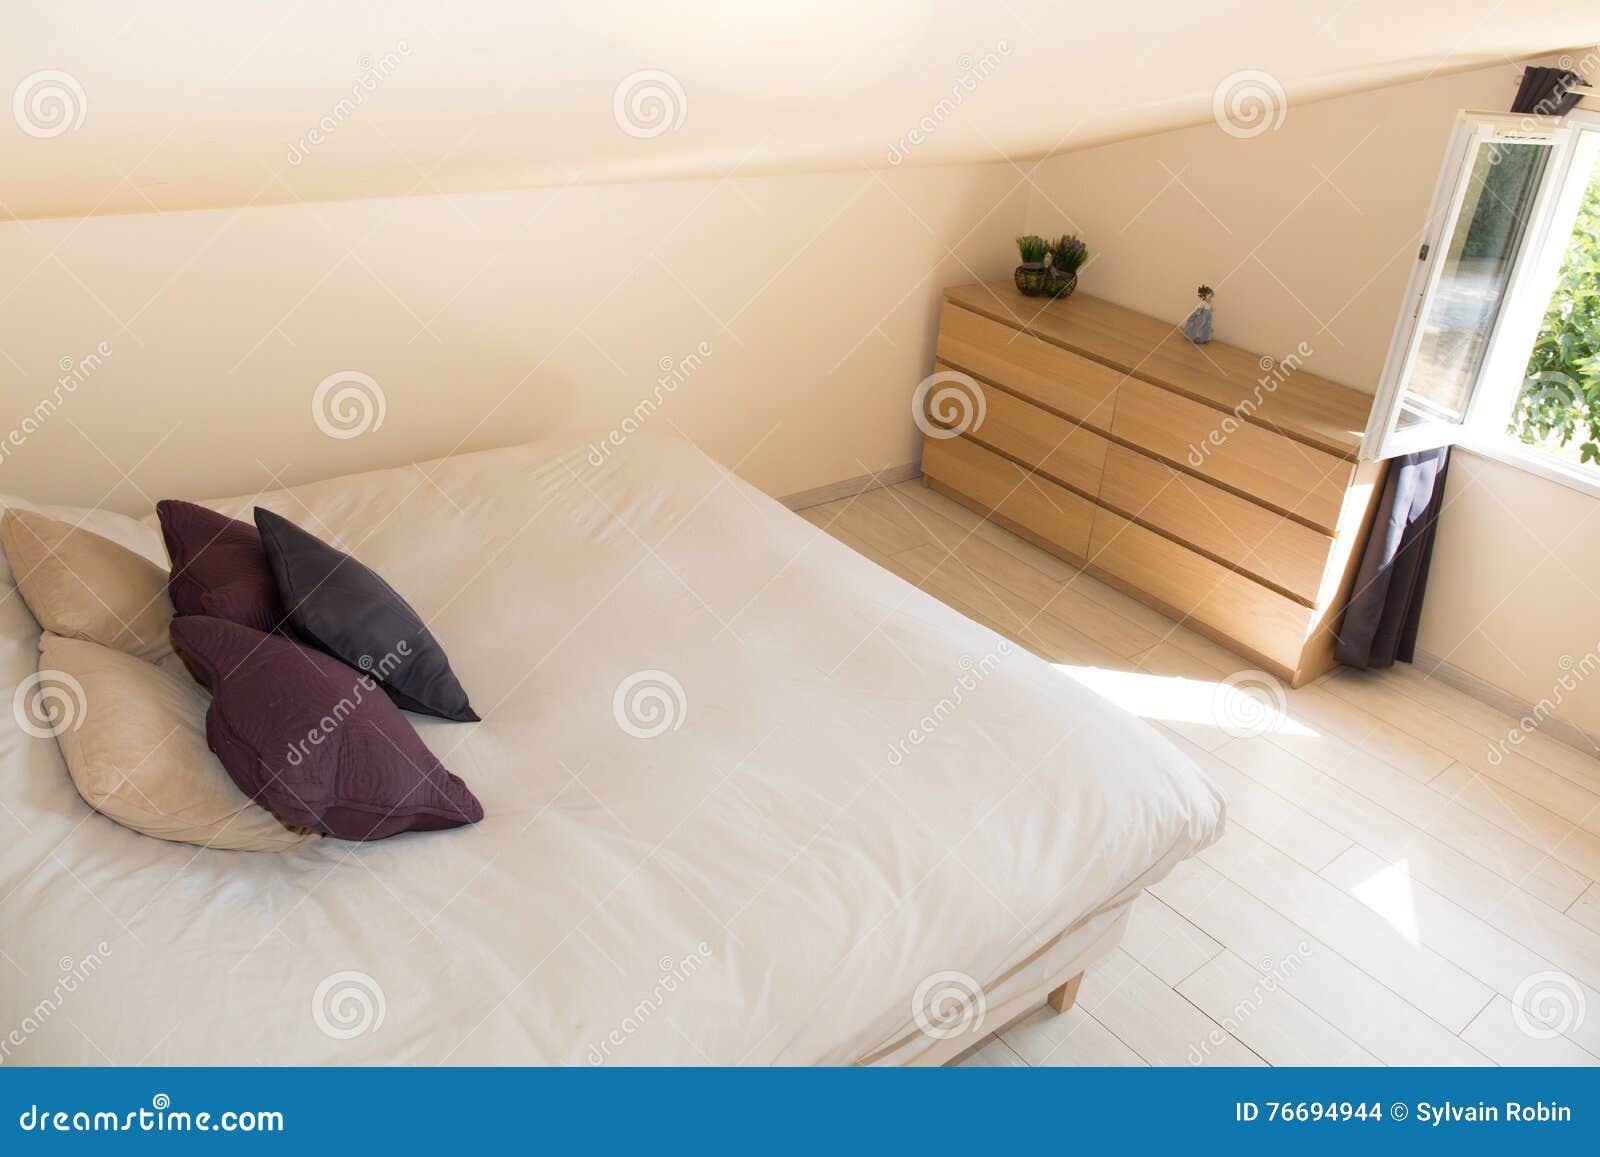 Slaapkamer Op Zolder : Heldere slaapkamer in zolder met groot bed stock foto afbeelding